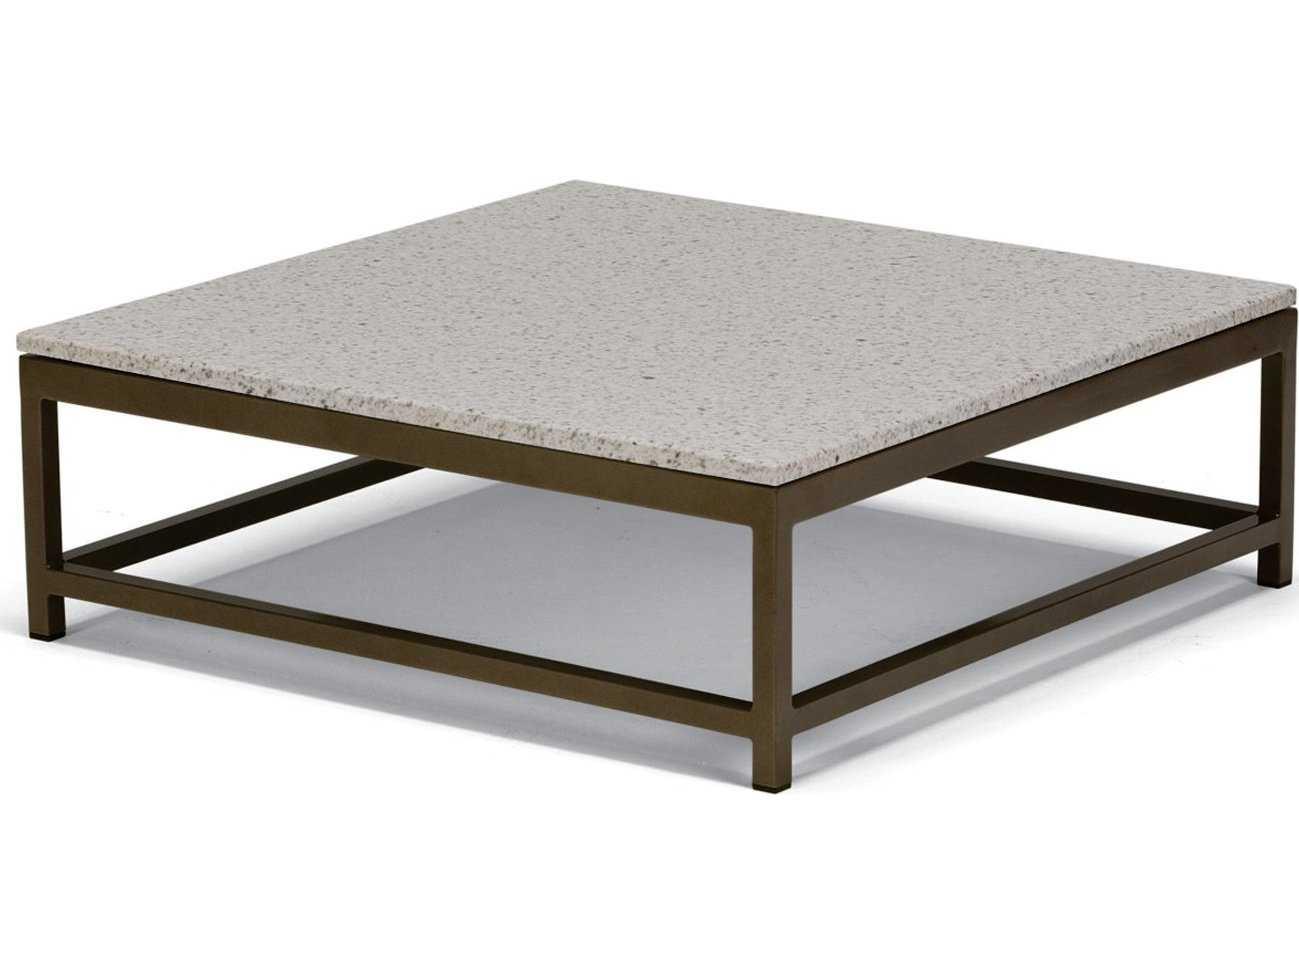 Tropitone Stoneworks Faux Granite Stone 34 Square Solid